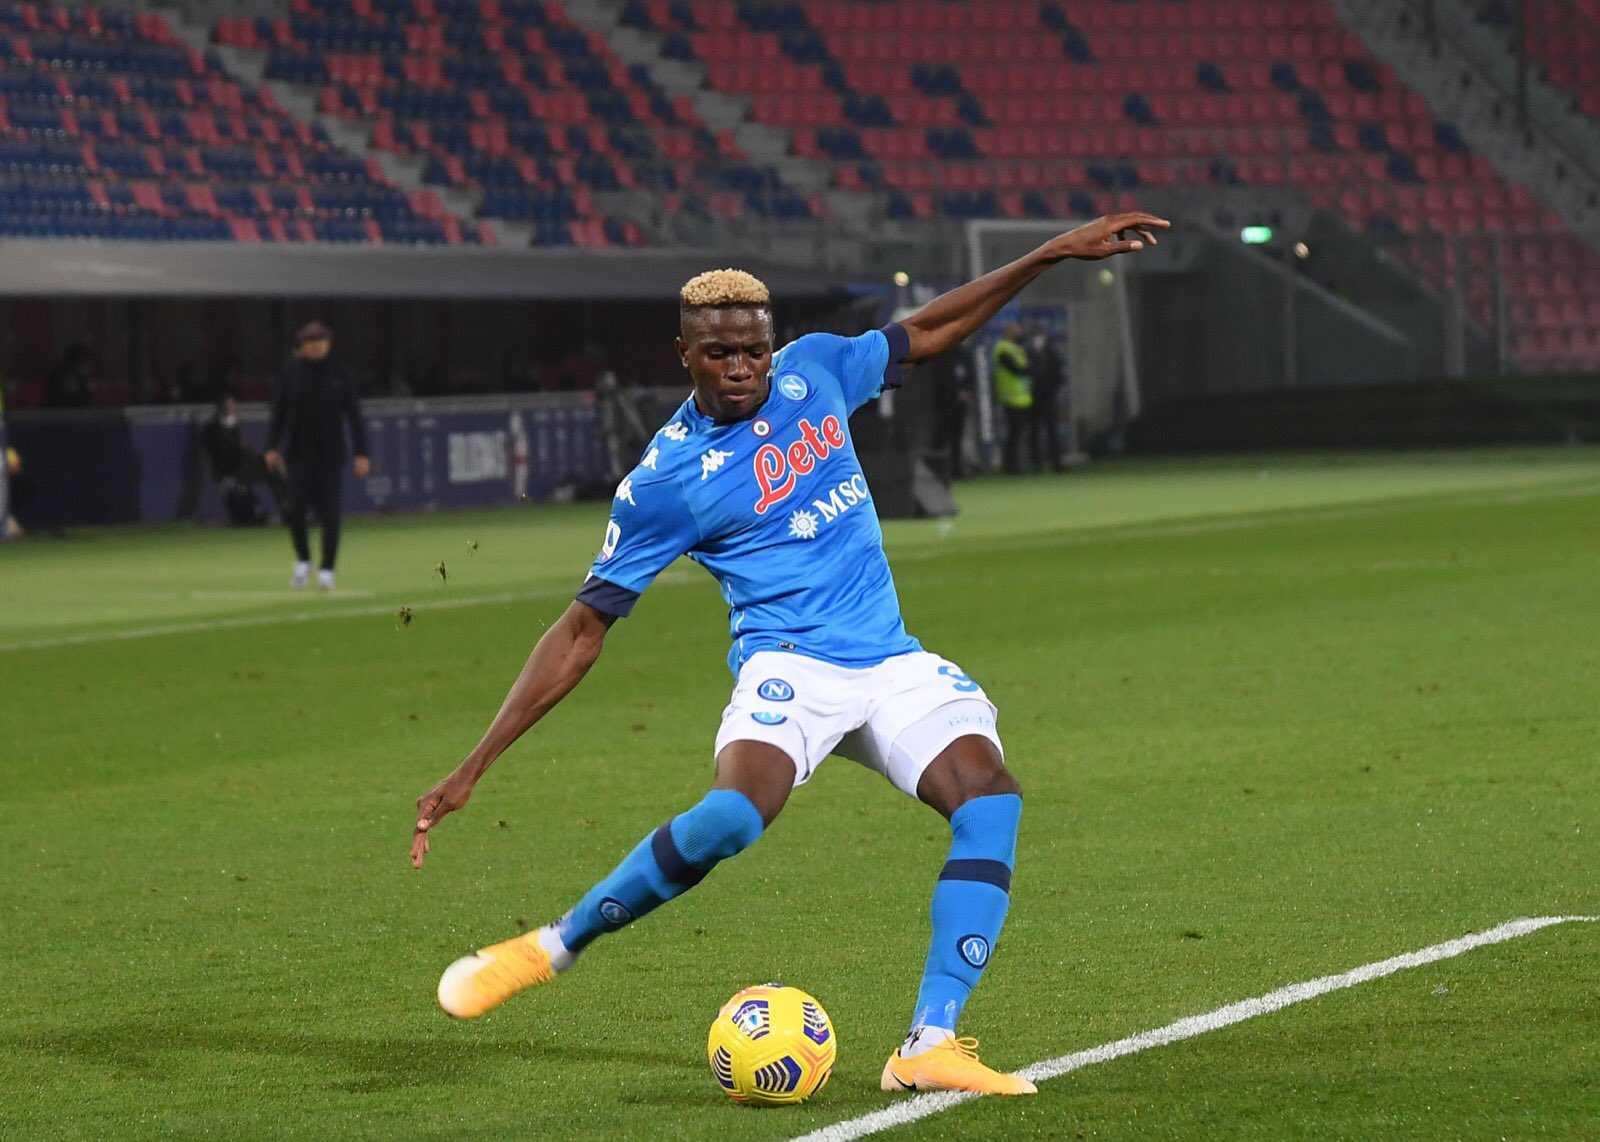 Serie A, giornata 6: 5 attaccanti da schierare al fantacalcio